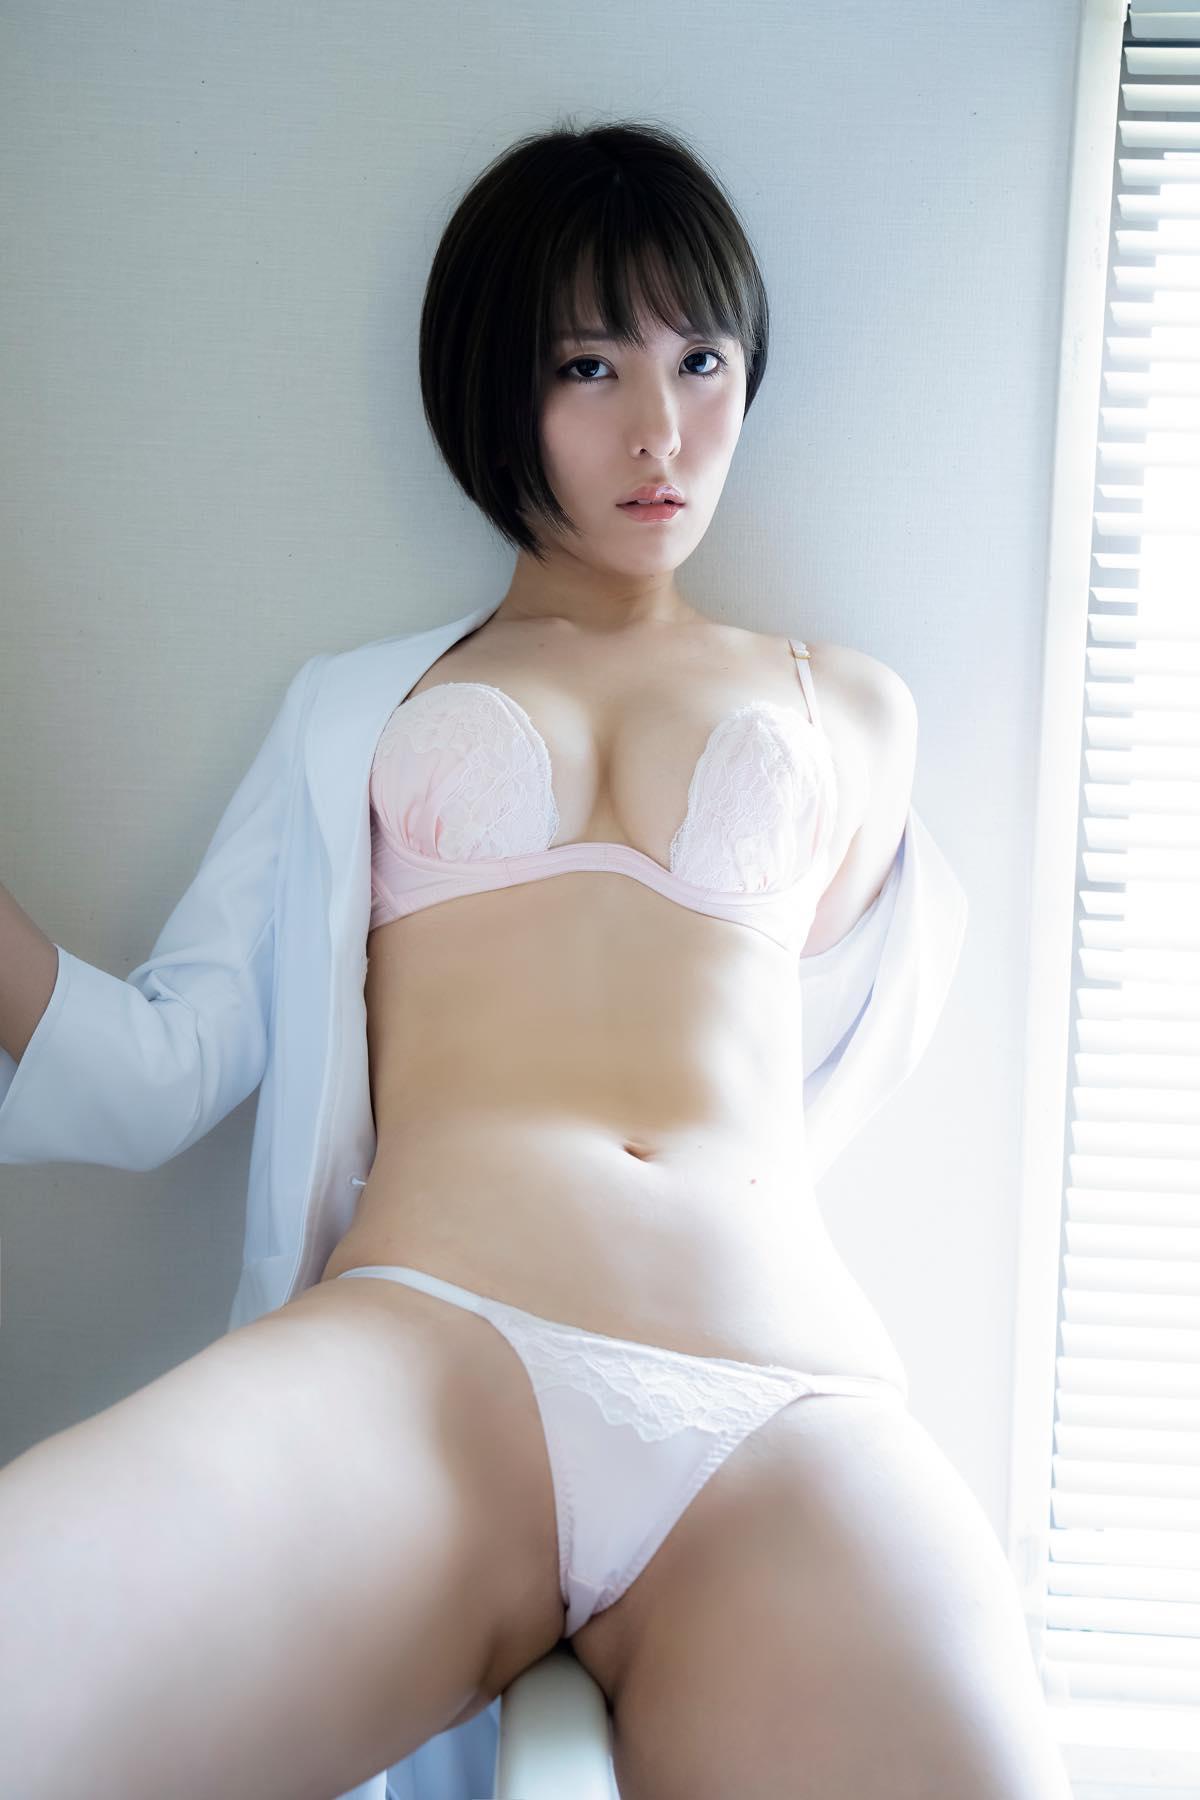 朝比奈祐未「危ない課外授業」えっちなゆみ先生【画像9枚】の画像001